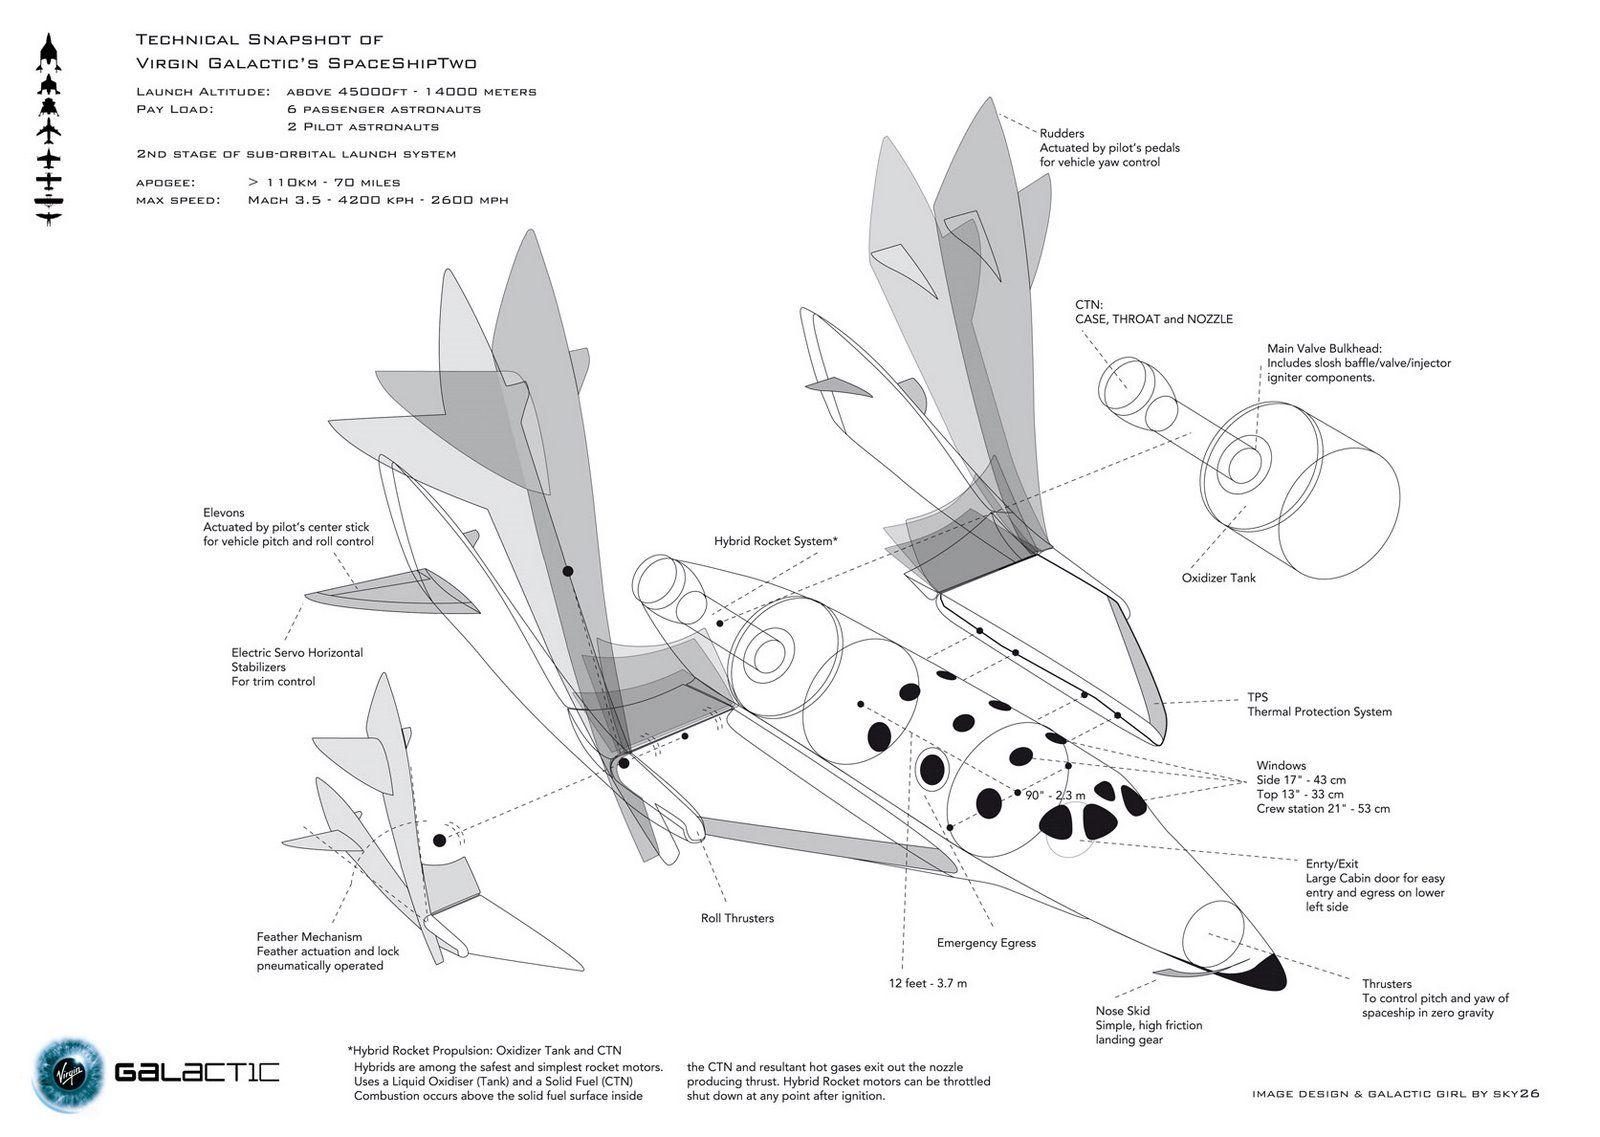 """In dieser Grafik ist zu erkennen, wie der """"Feather""""-Mechanismus funktioniert. Die Flügel, die im """"normalen"""" Flug gestreckt sind wie bei jedem gewöhnlichen Flugzeug, werden dabei für die Wiedereintrittsphase in die tieferen Schichten der Atmosphäre nach oben geklappt. CR Virgin Galactic"""